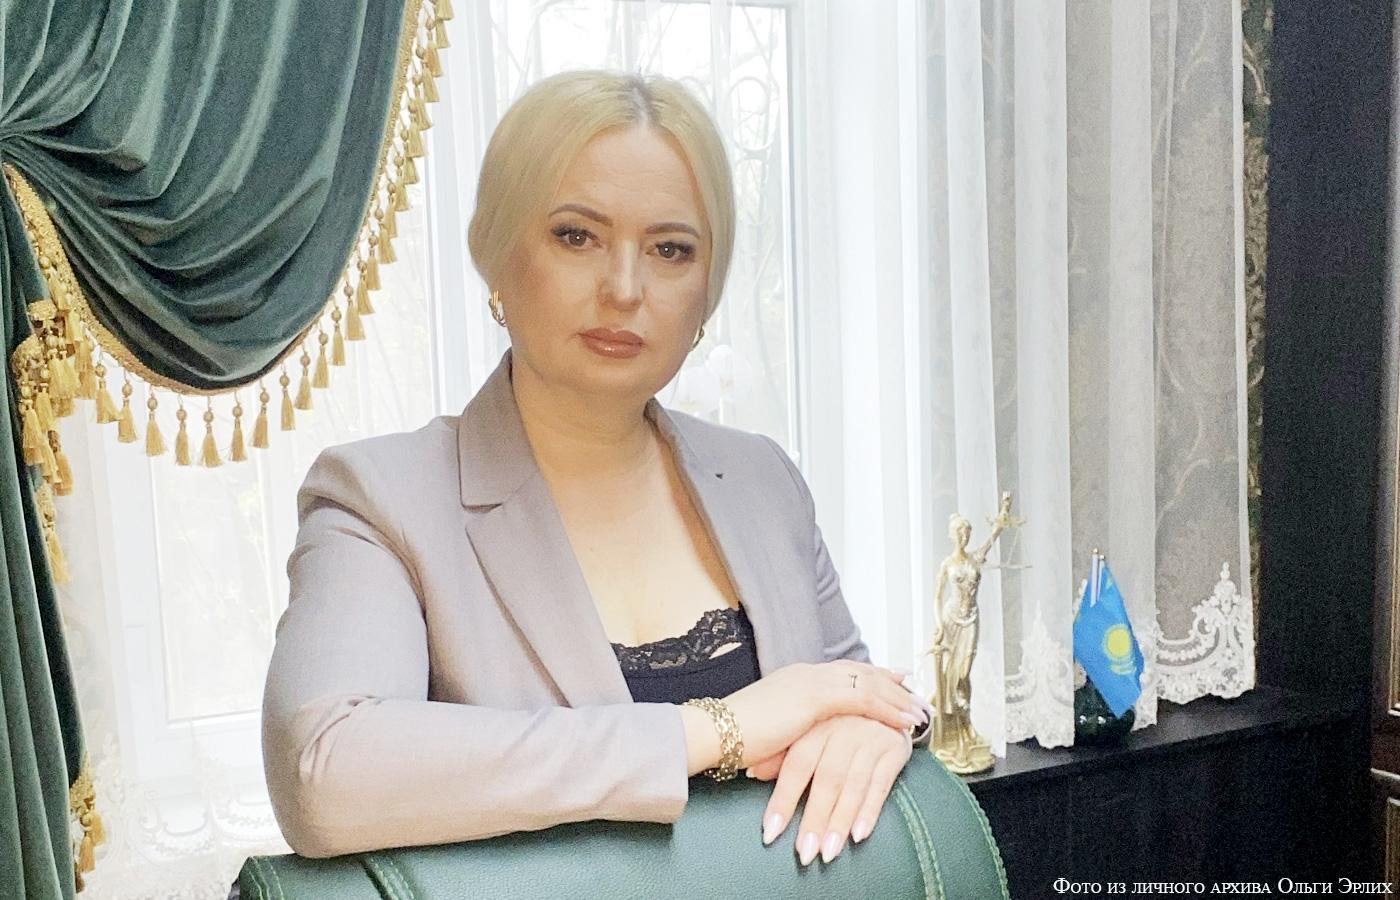 """Olga Erlich: """"Ich mache mich gerne nützlich und tue den Menschen Gutes"""""""